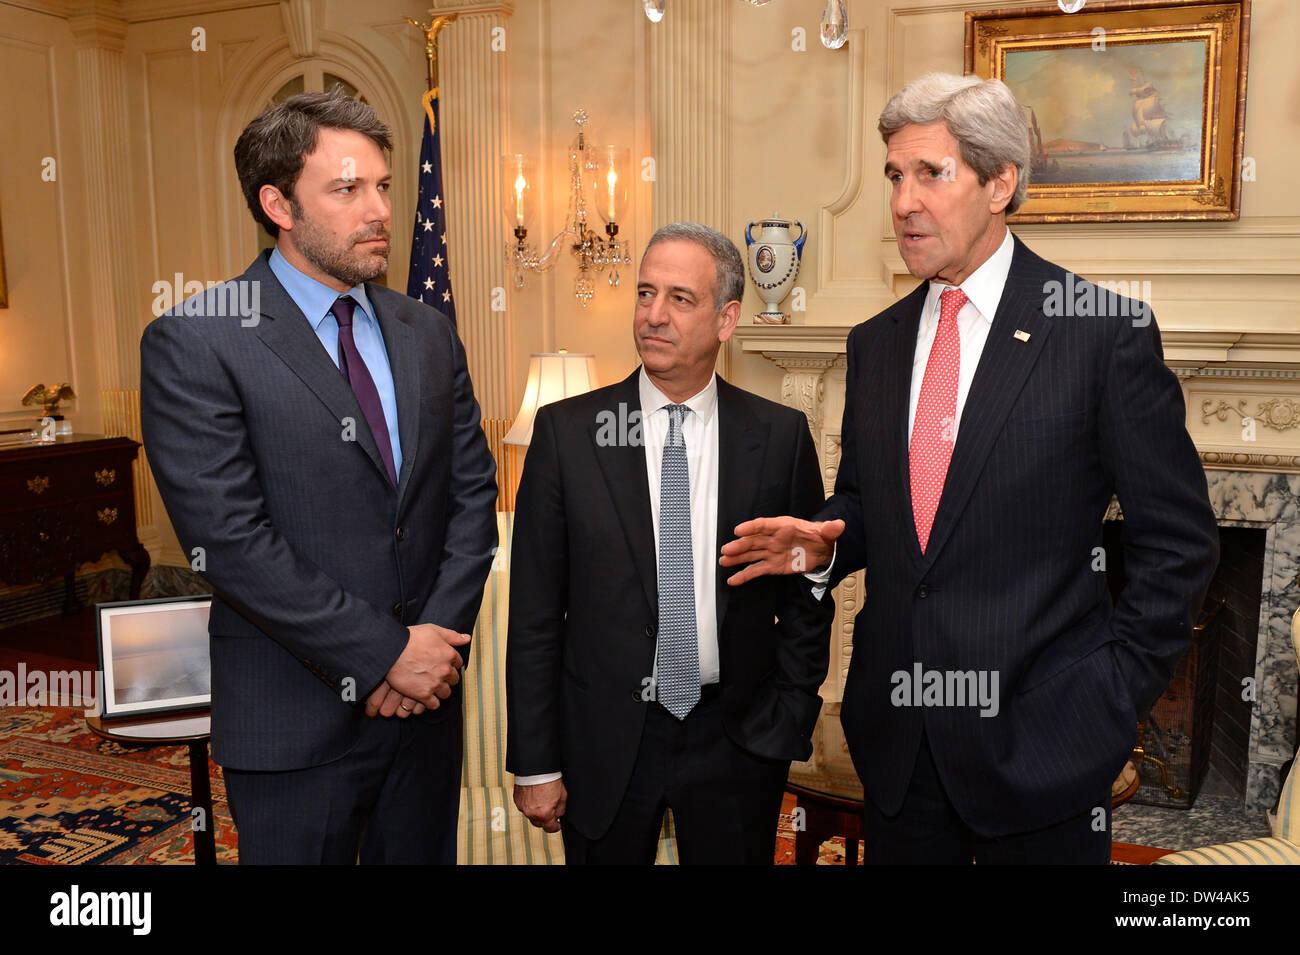 Le secrétaire d'Etat américain John Kerry et Envoyé spécial Russ Feingold rencontrez avec l'acteur Ben Affleck (L), fondateur de l'Initiative de l'Est du Congo, au Ministère d'État le 26 février 2014 à Washington, D.C. Photo Stock